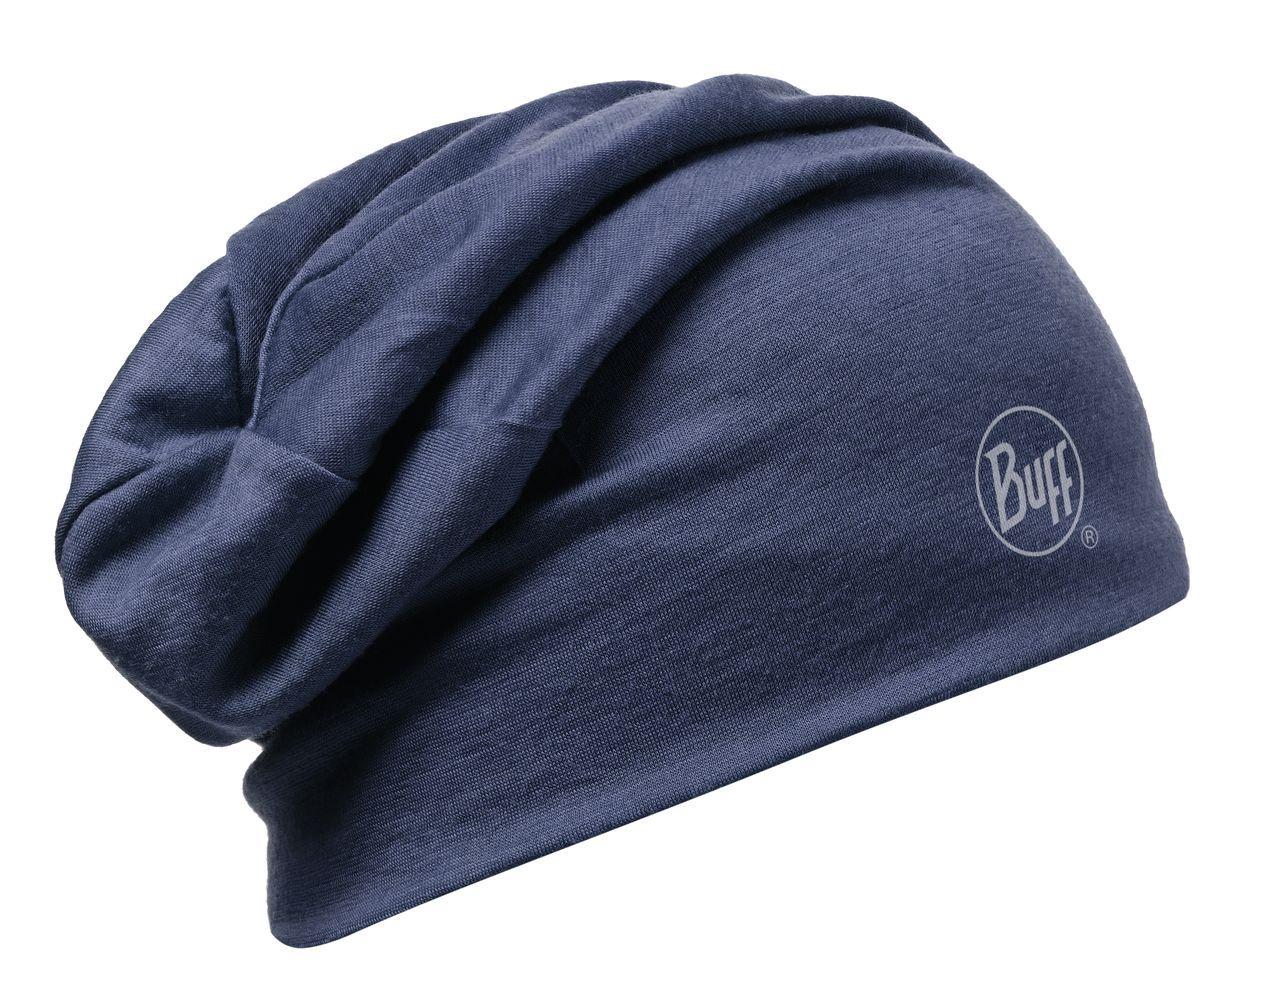 Купить Шапка BUFF WOOL SOLID DENIM Банданы и шарфы Buff ® 1169255